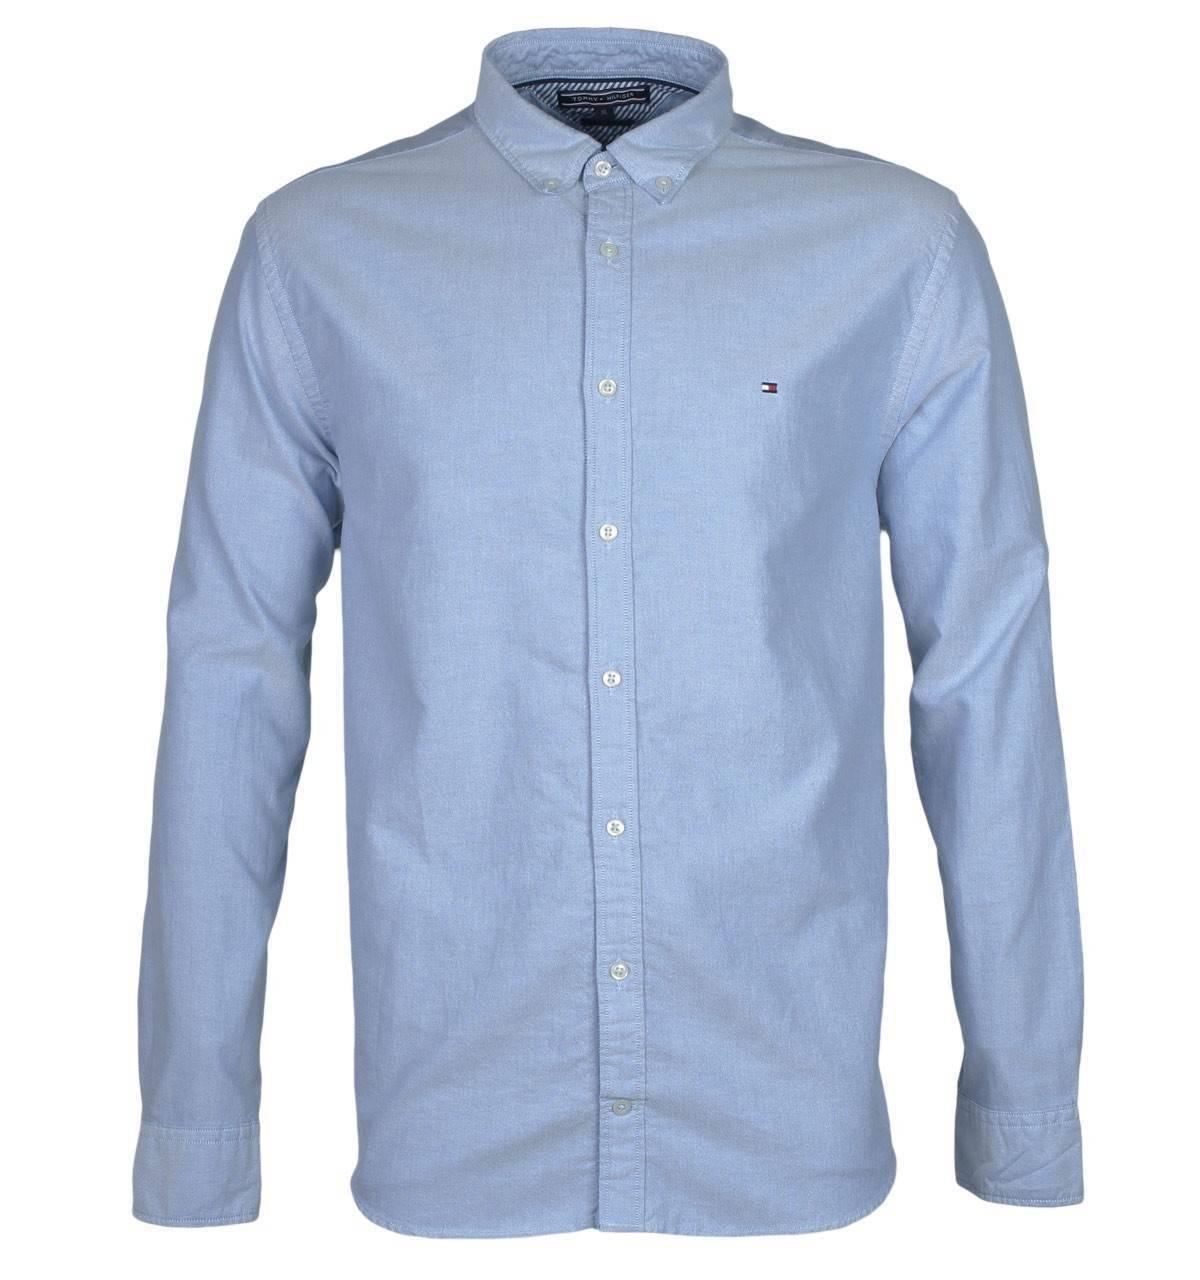 L Tommy Hilfiger Herren Hemd Cotton//Linen Shirt Original Neu mit Etikett Größe